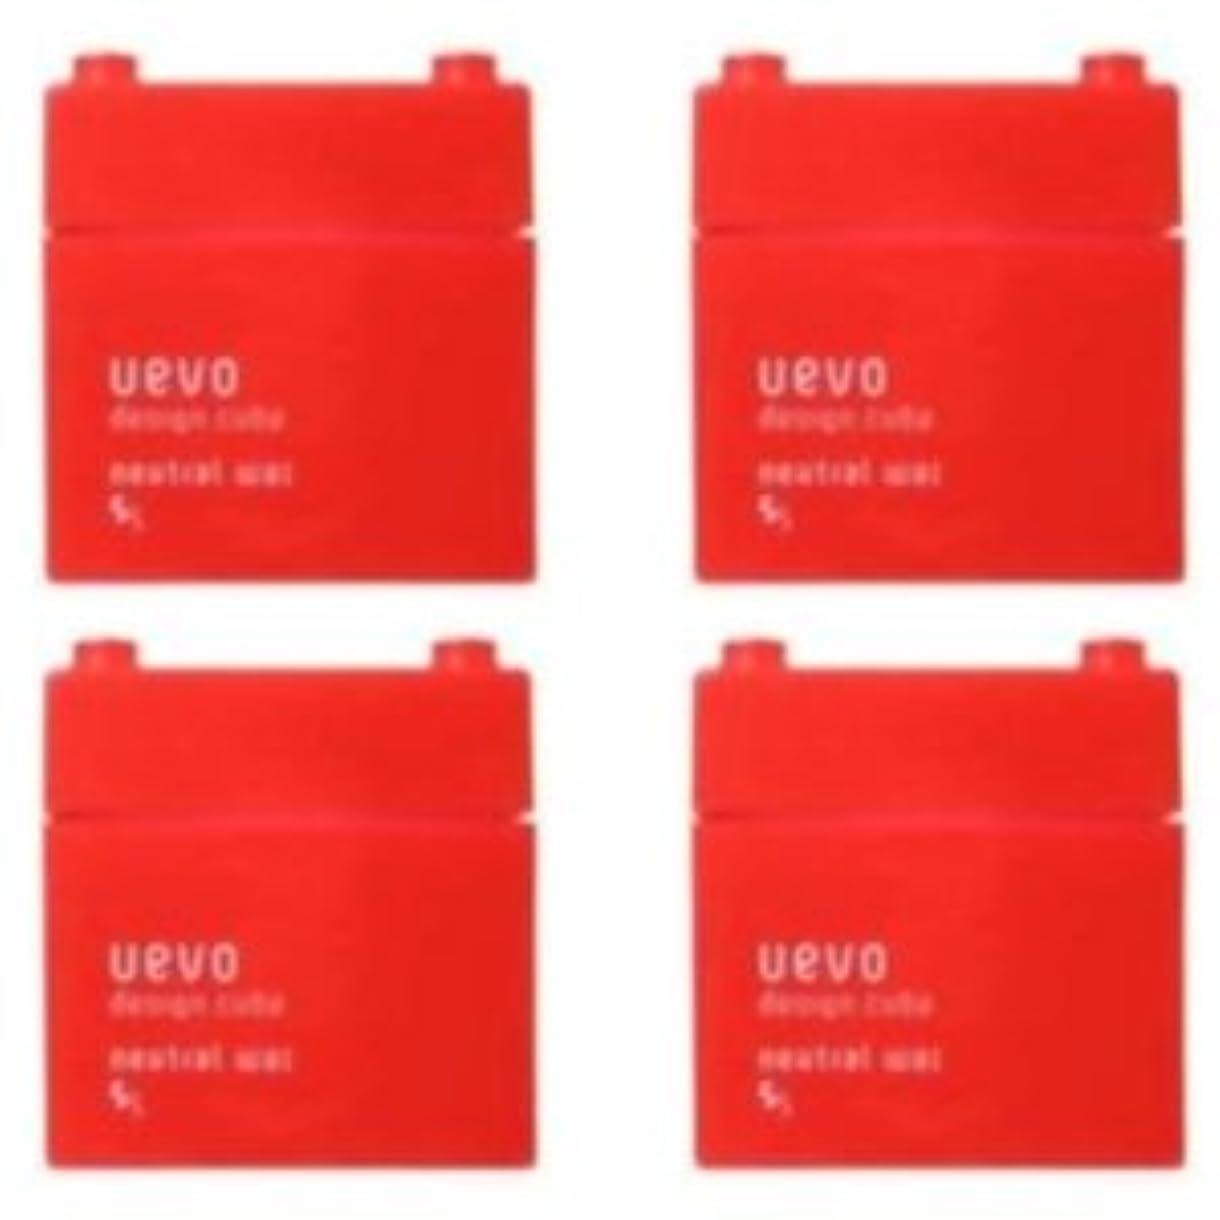 相関する援助インド【X4個セット】 デミ ウェーボ デザインキューブ ニュートラルワックス 80g neutral wax DEMI uevo design cube